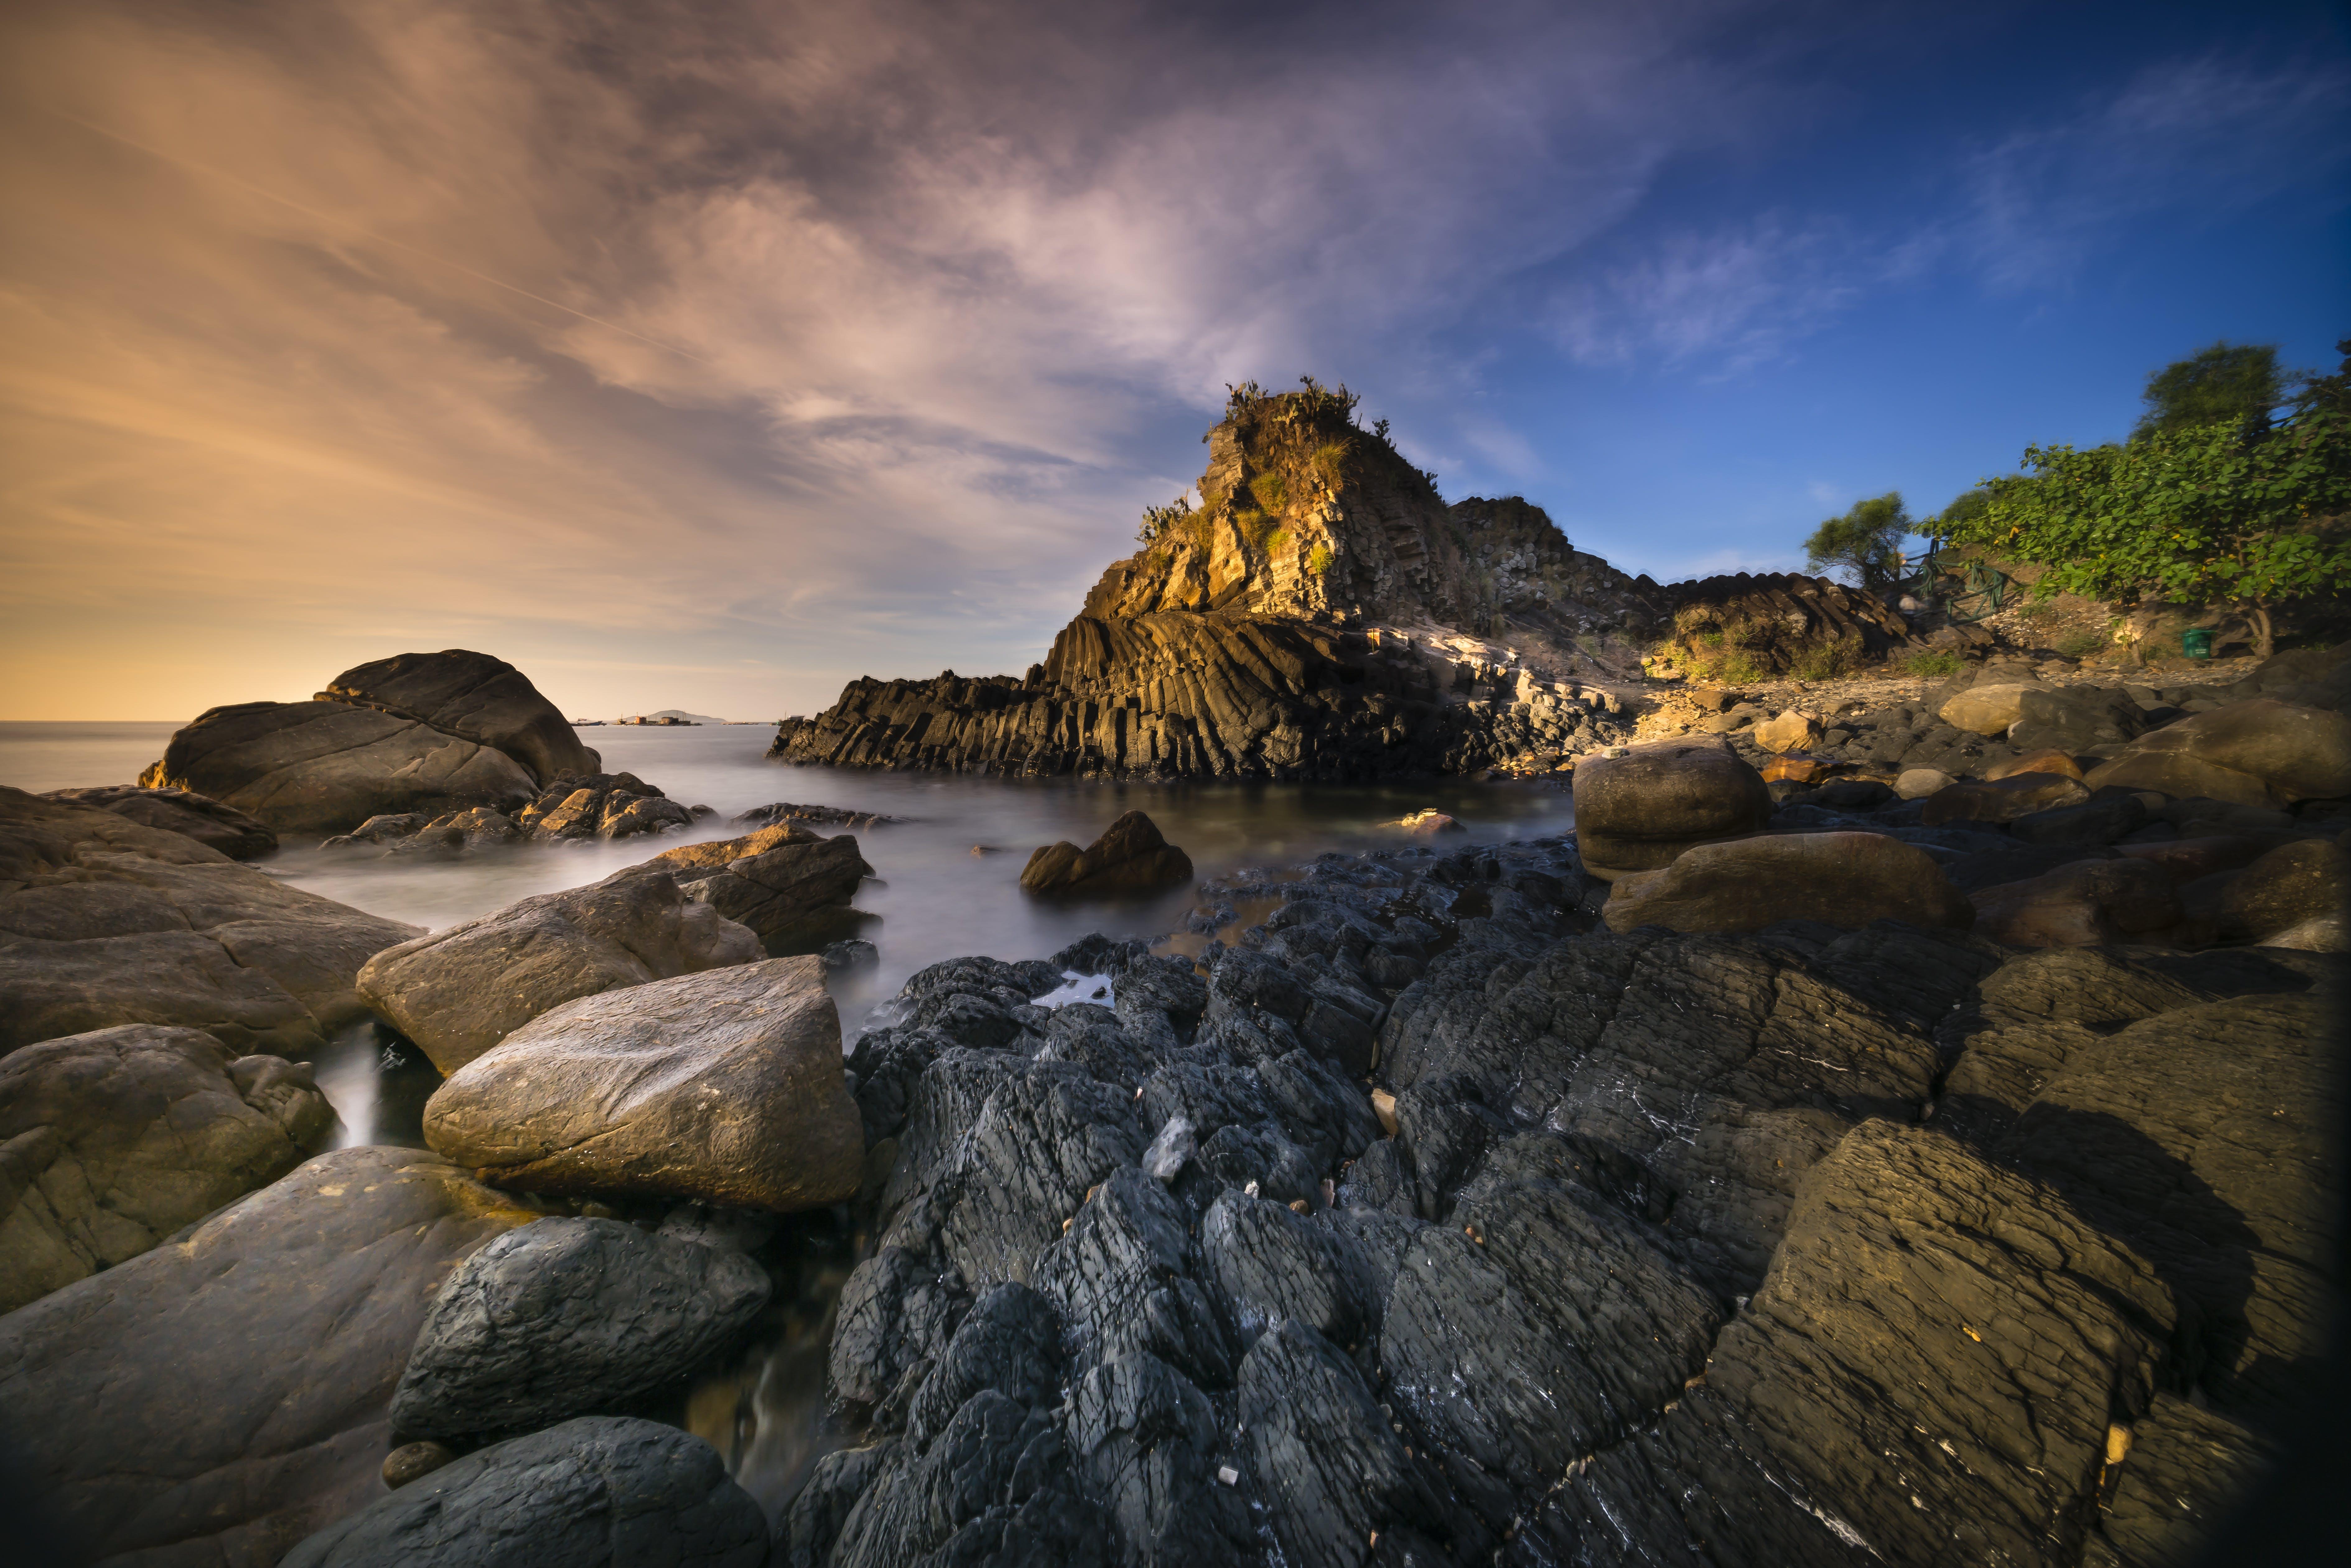 Безкоштовне стокове фото на тему «берег моря, Захід сонця, камені, мальовничий»